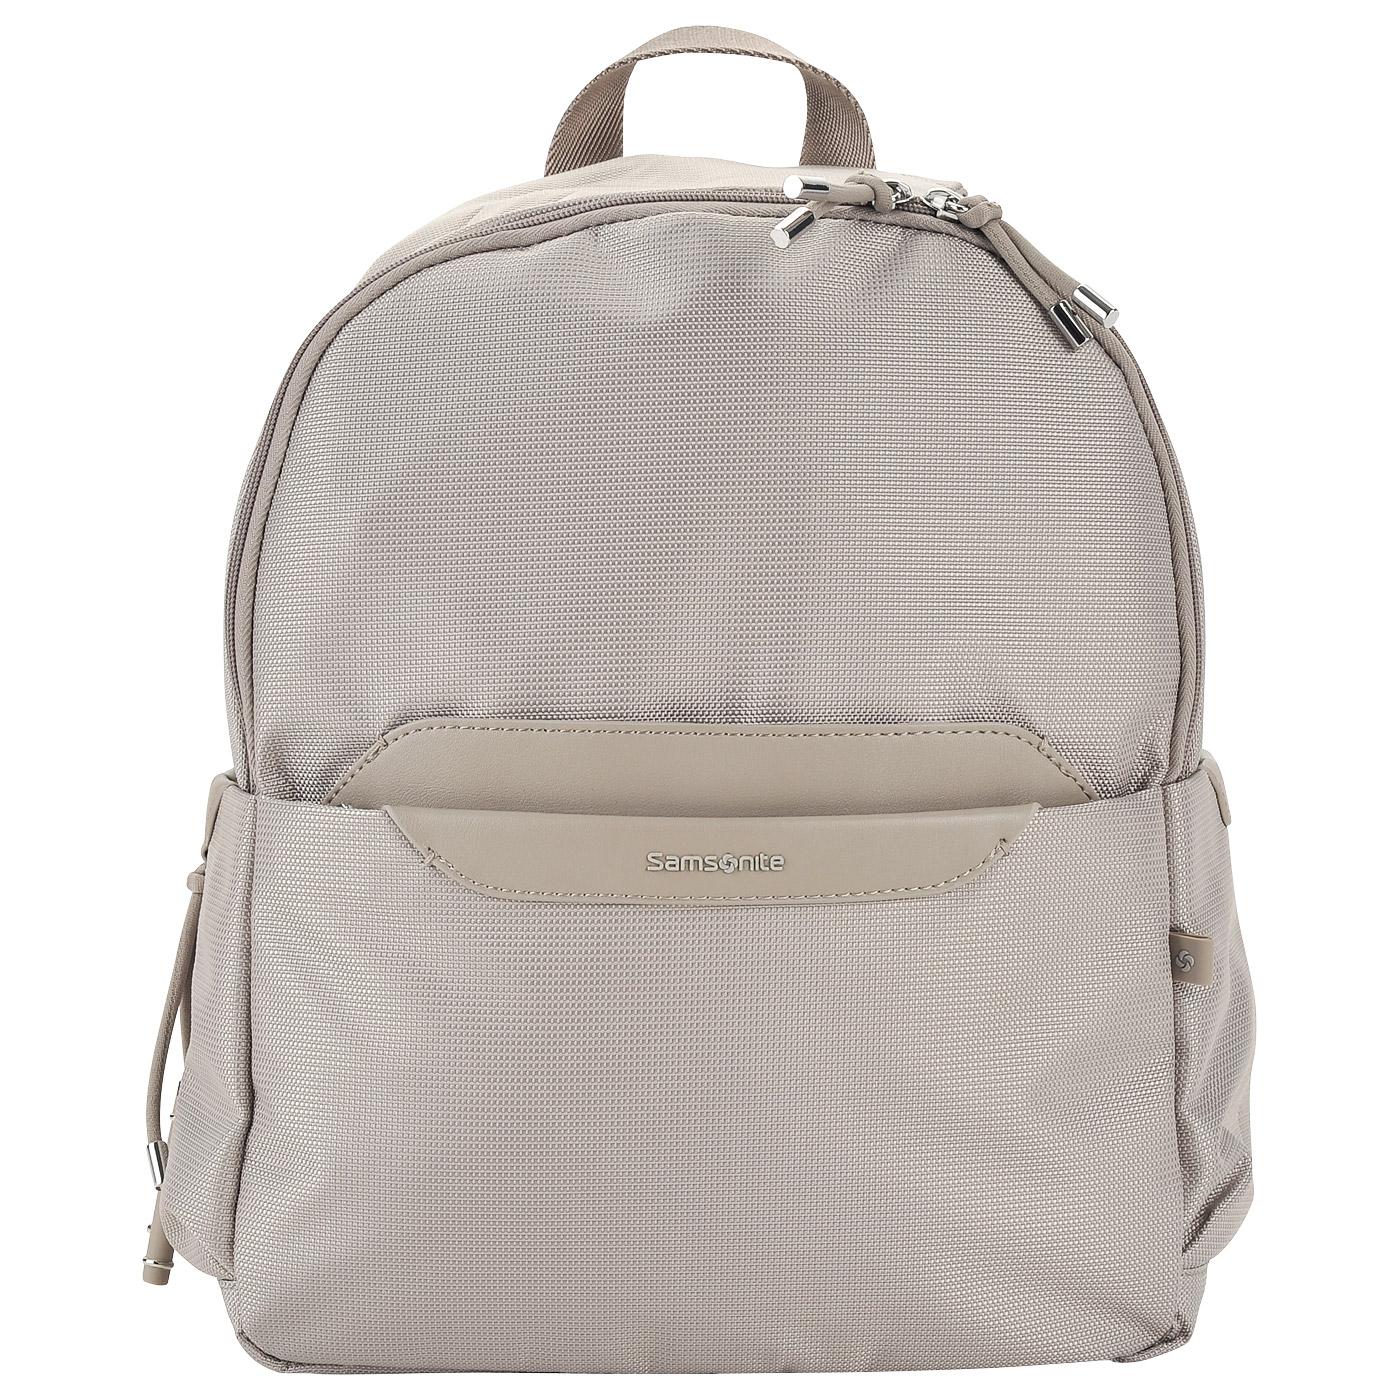 Текстильный рюкзак Samsonite Casual Текстильный рюкзак Samsonite Casual ... 1b8b2df2cf3